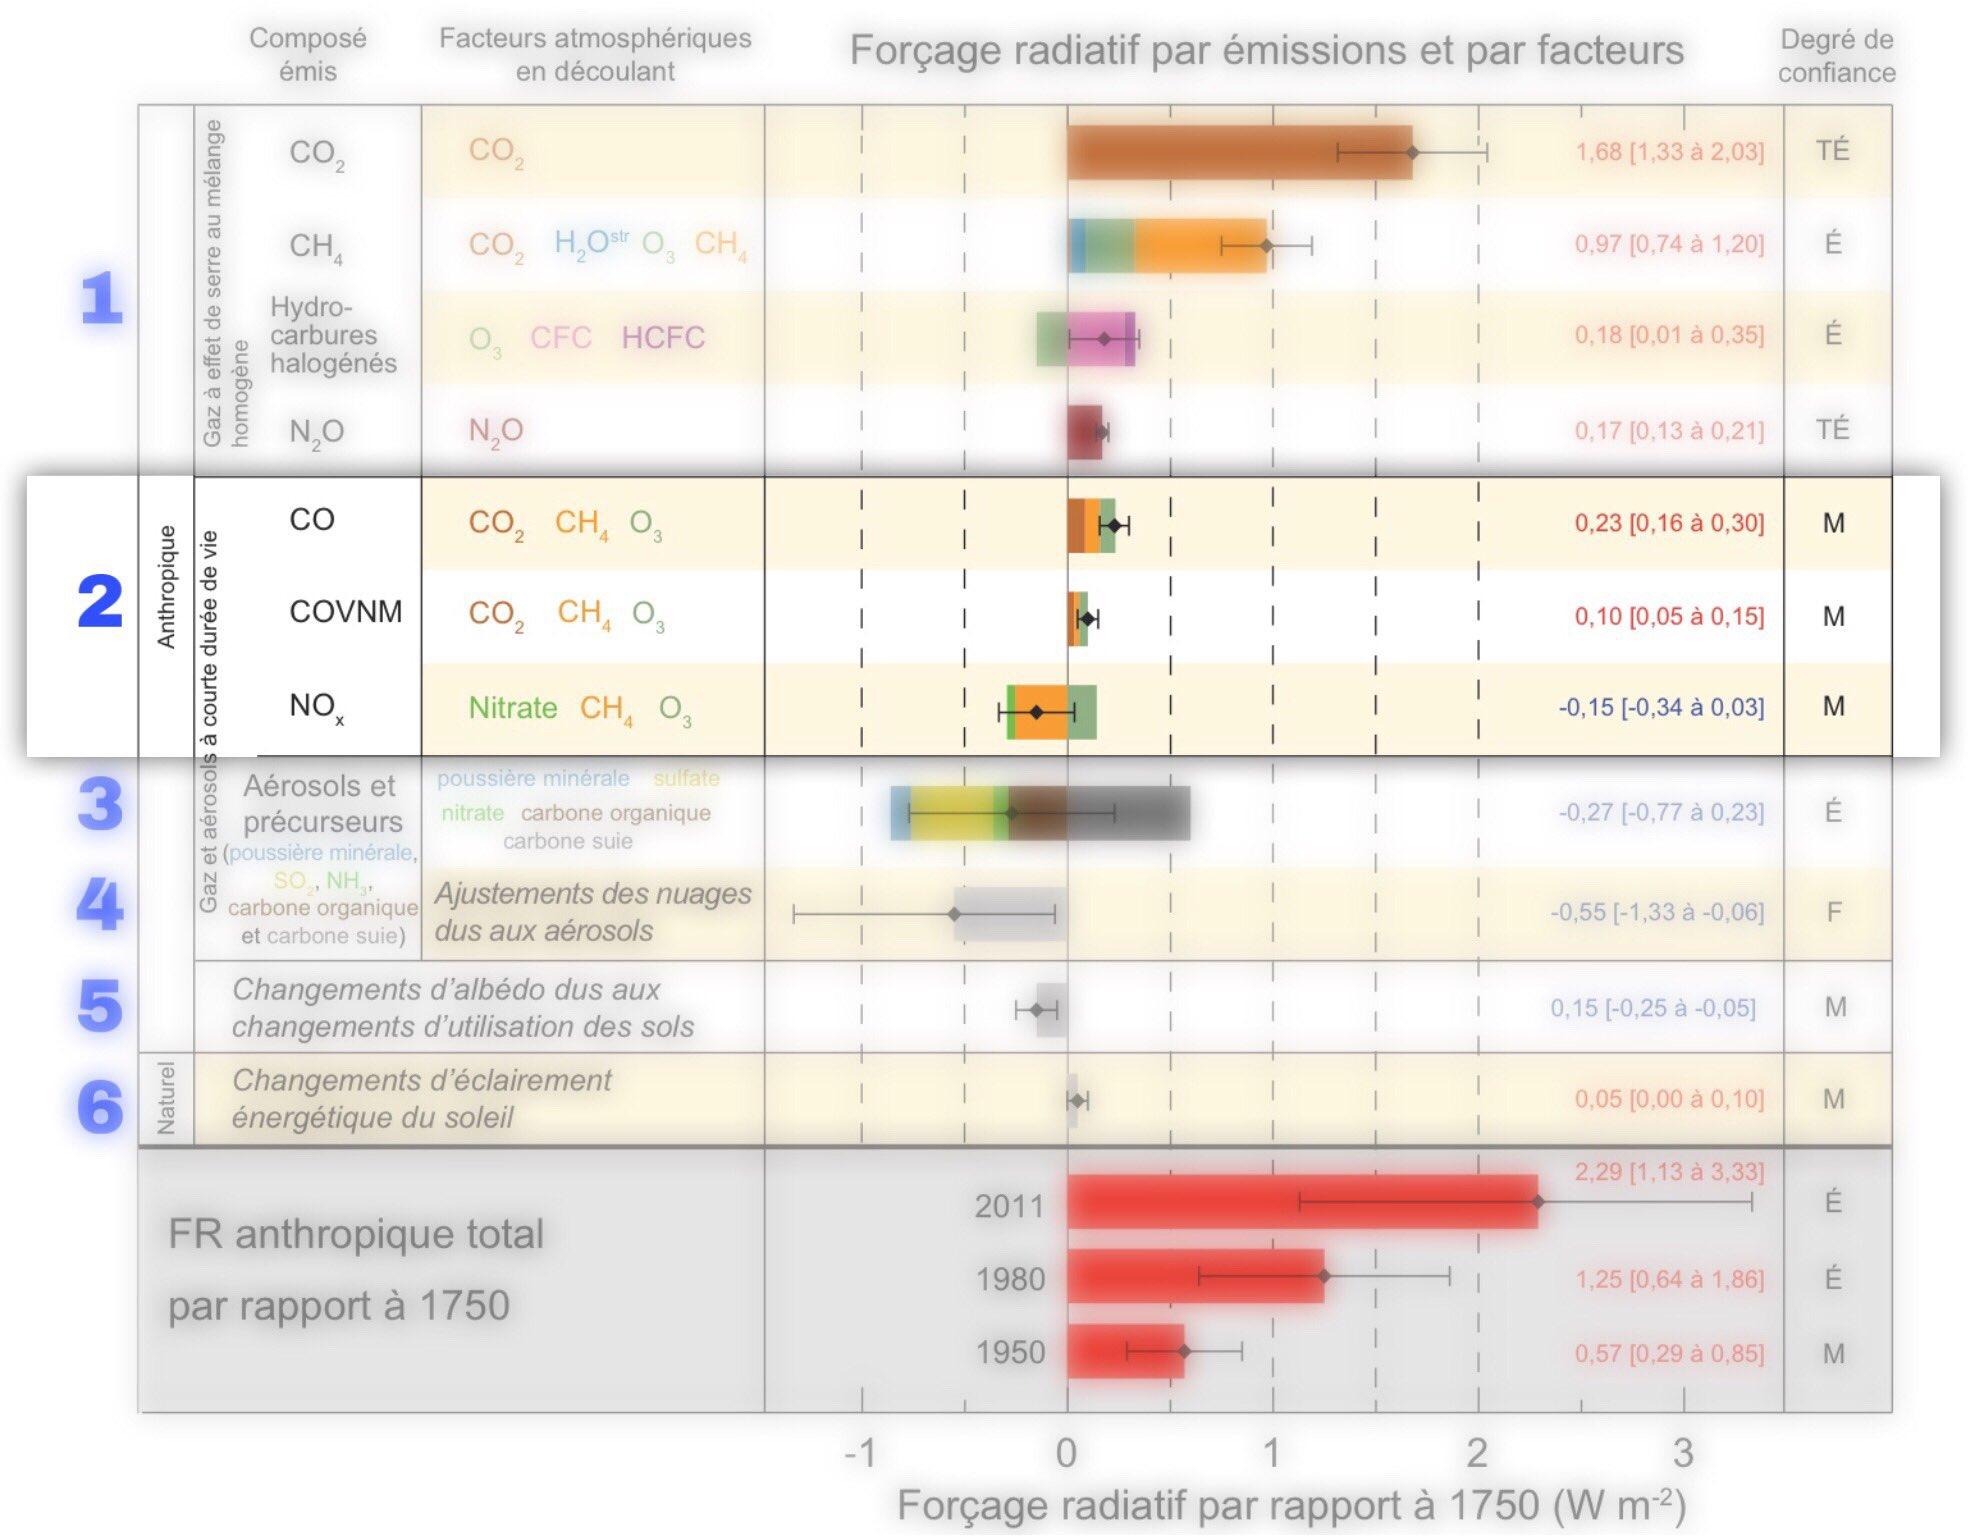 Forçage radiatif par composante 1750-2011 : bloc 2